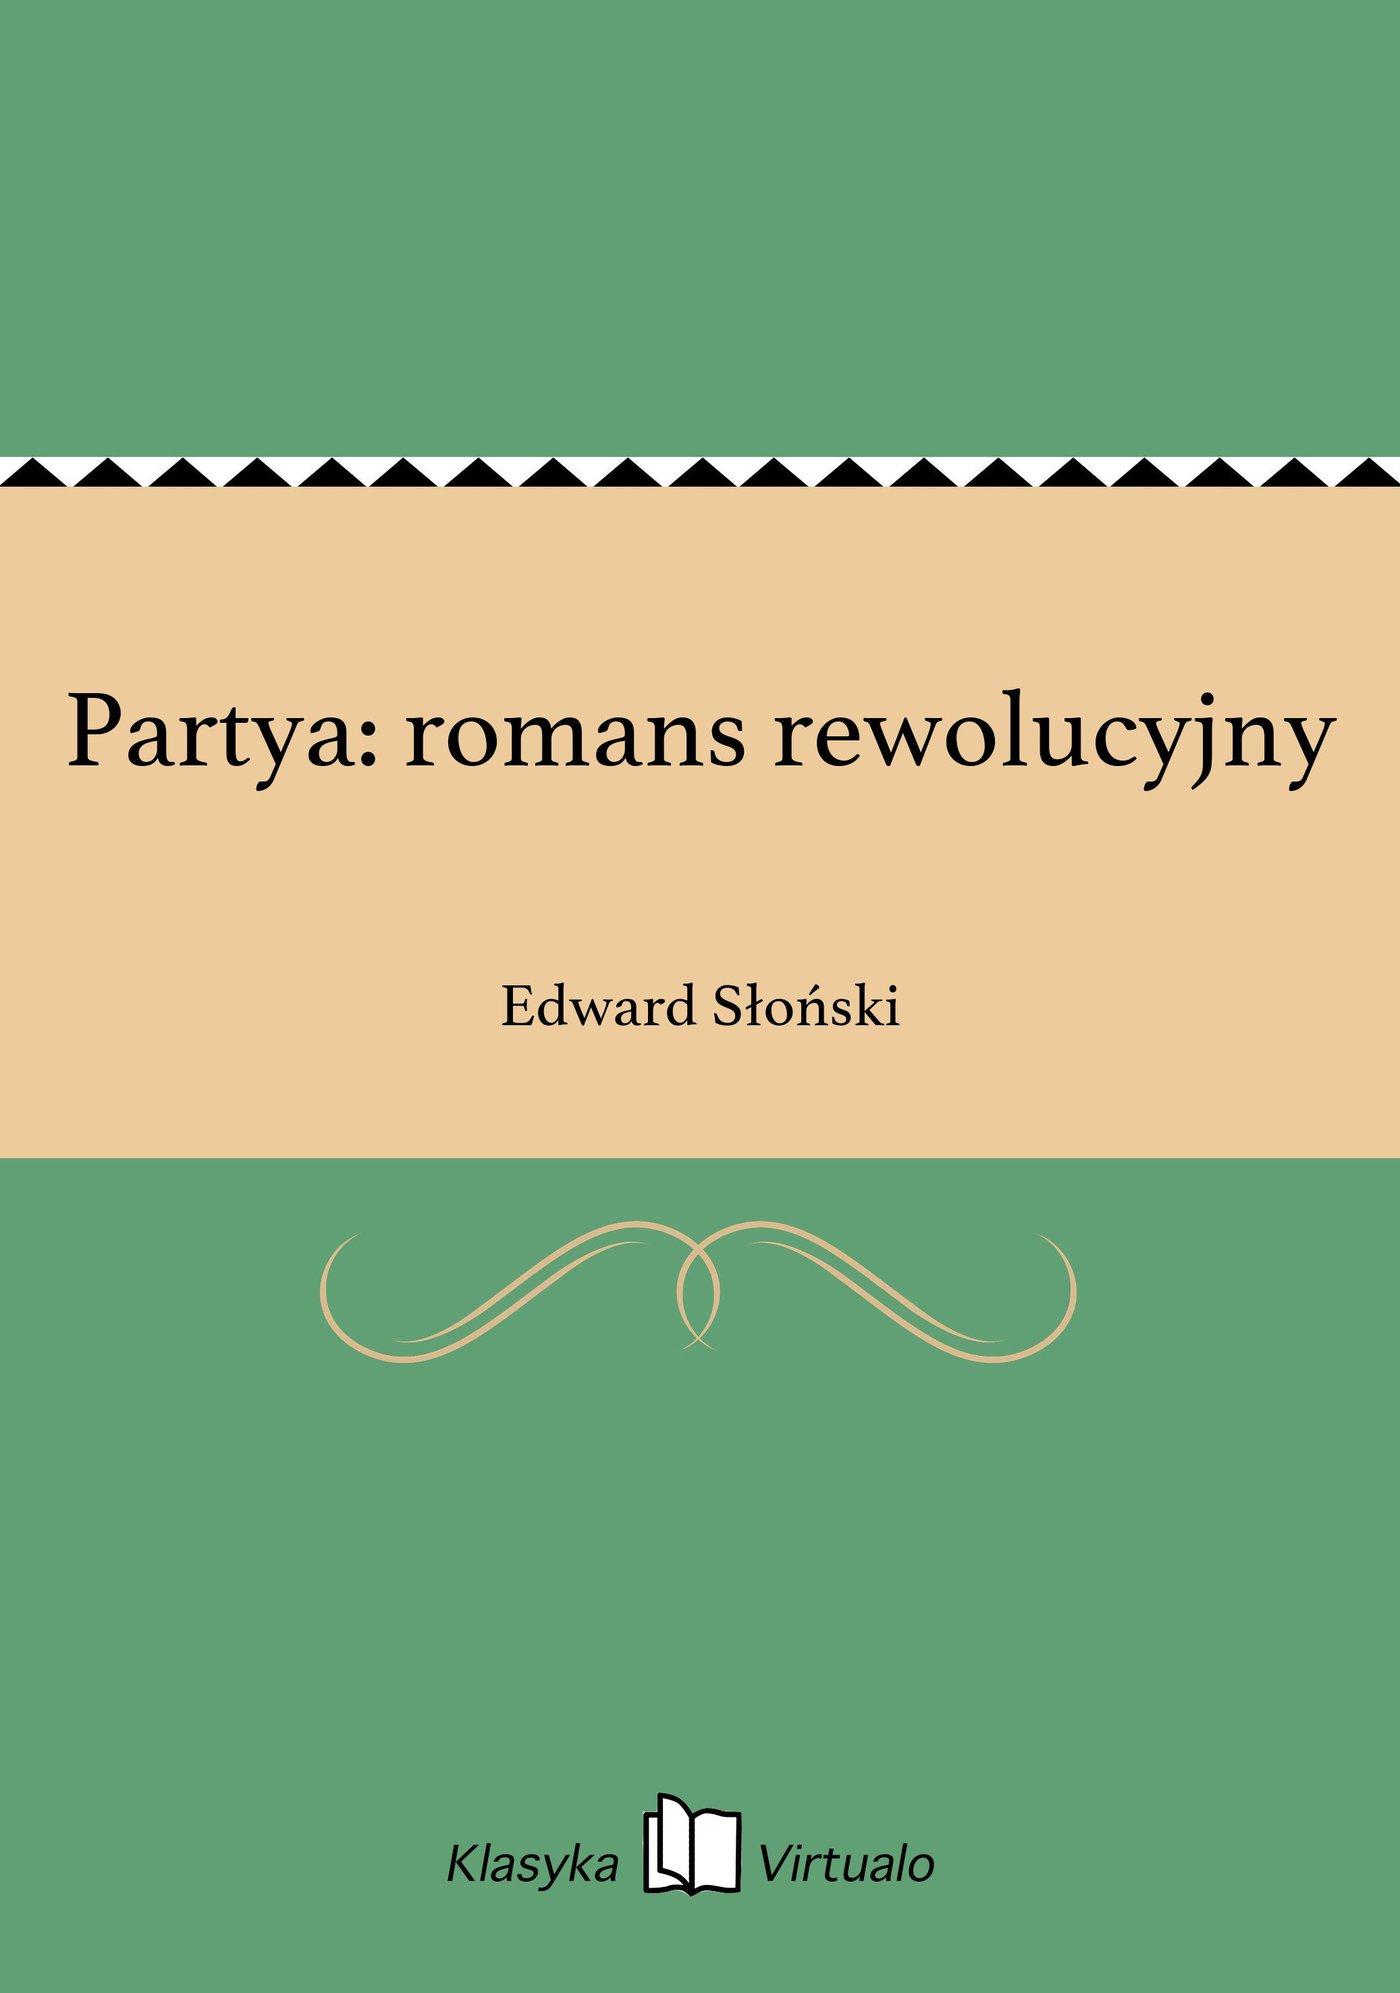 Partya: romans rewolucyjny - Ebook (Książka EPUB) do pobrania w formacie EPUB